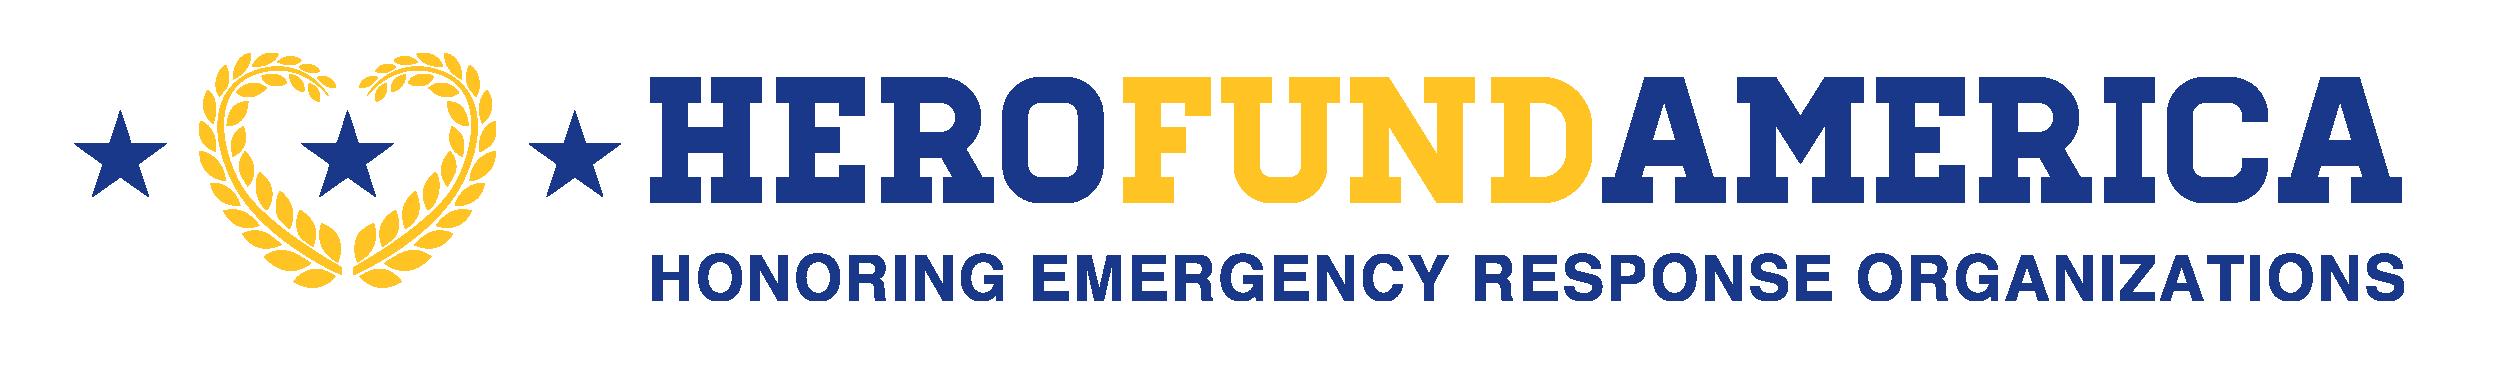 Hero Fund America